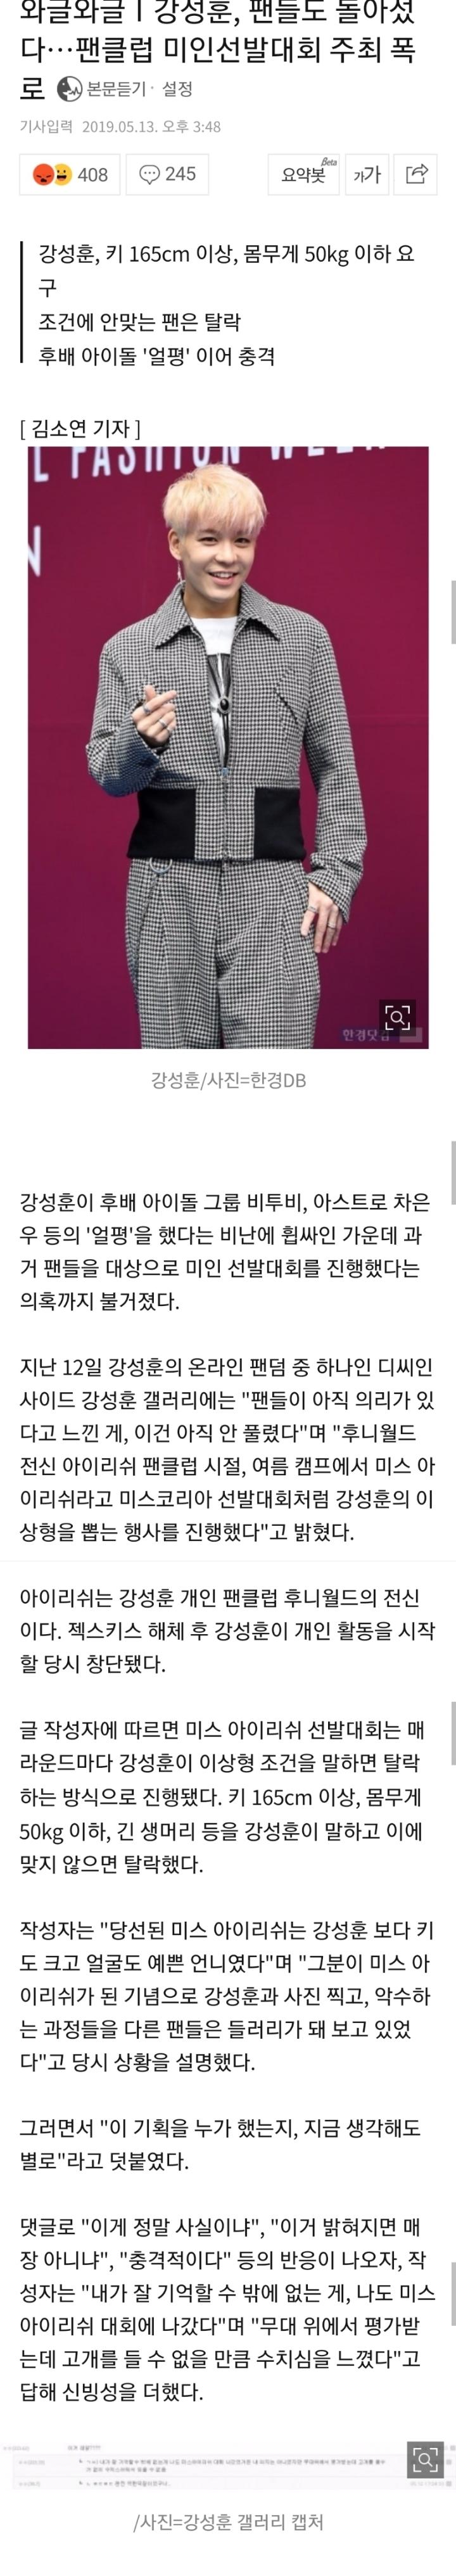 팬클럽 미인선발대회 주최